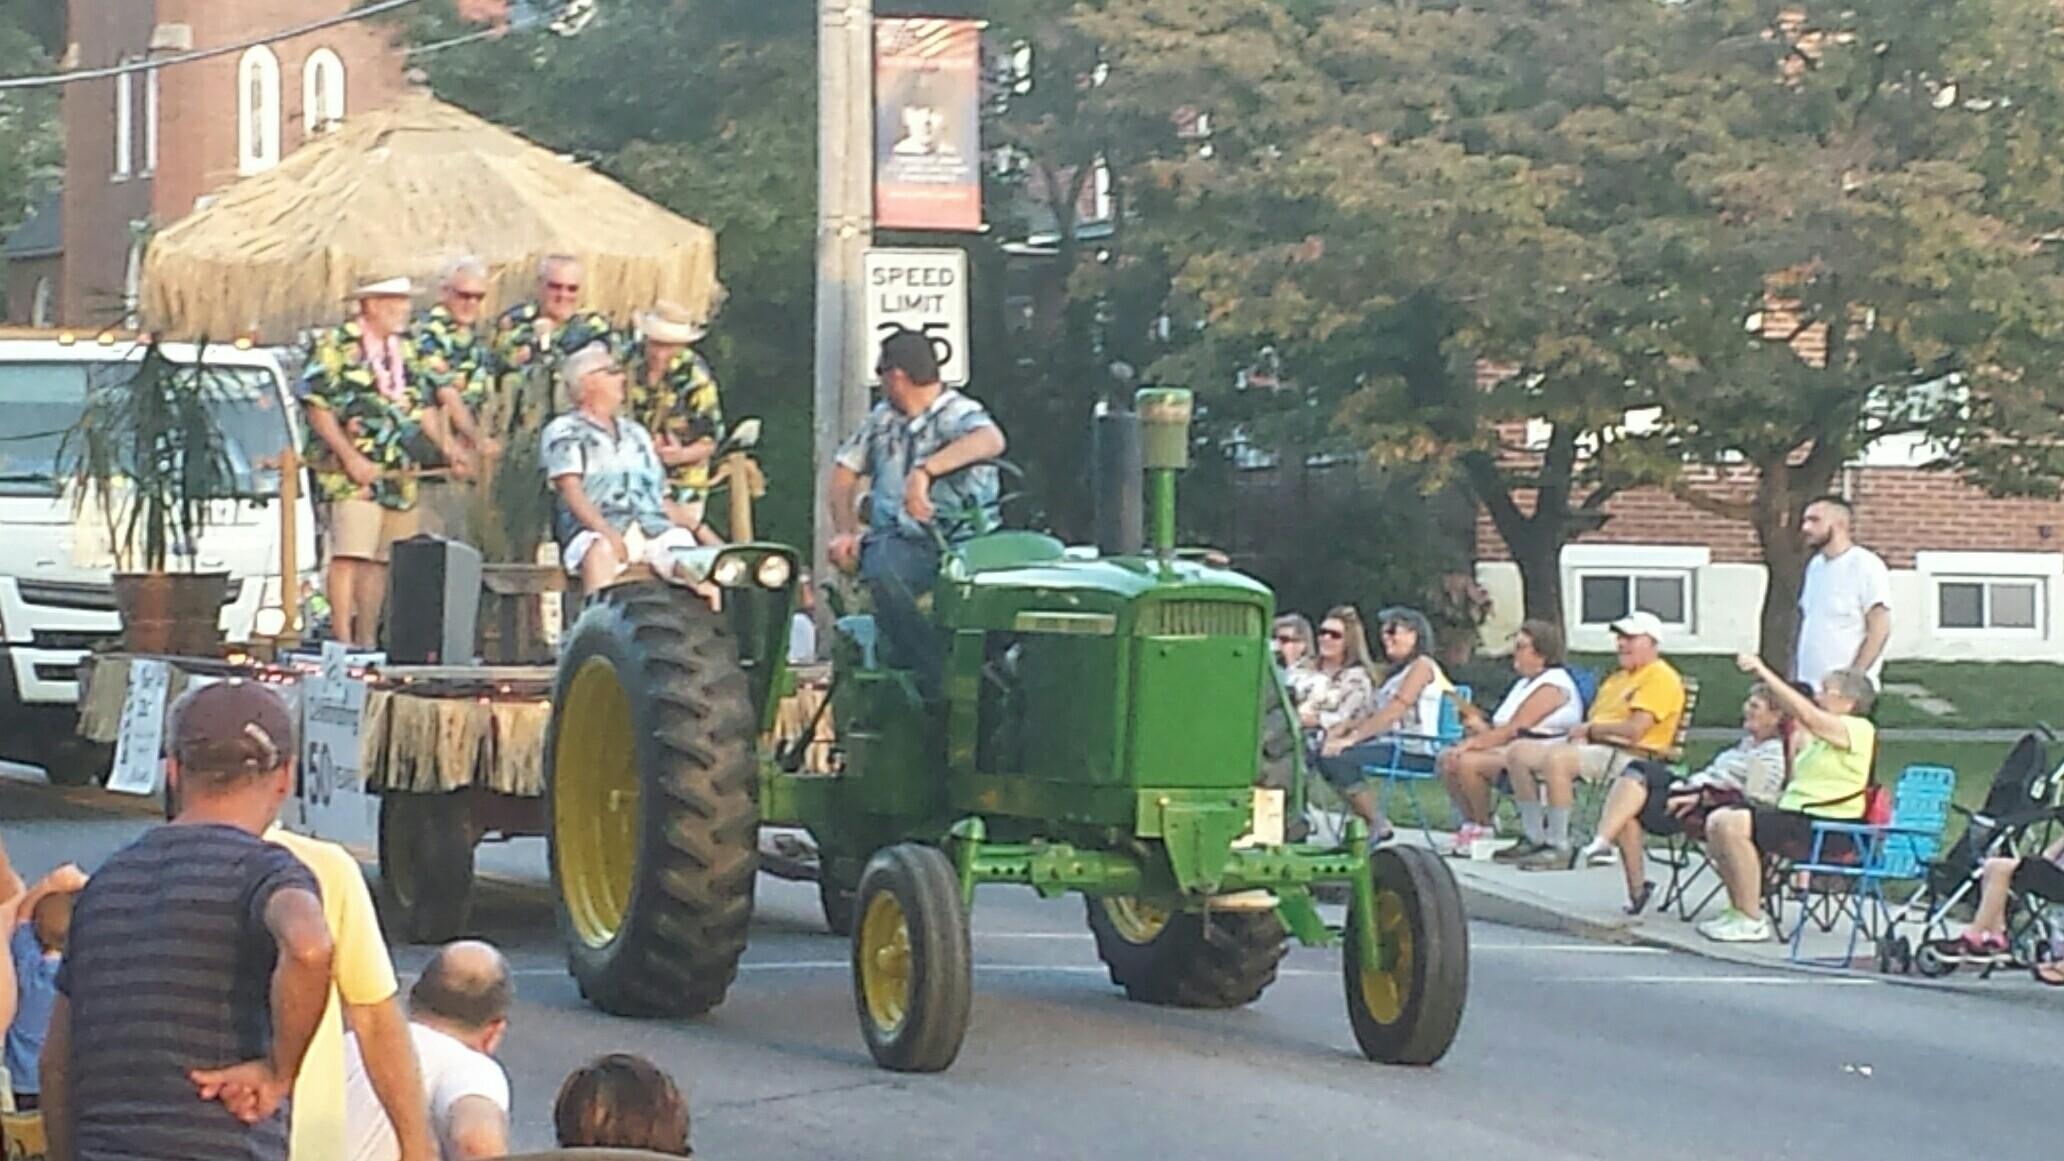 Solanco Fair Parade